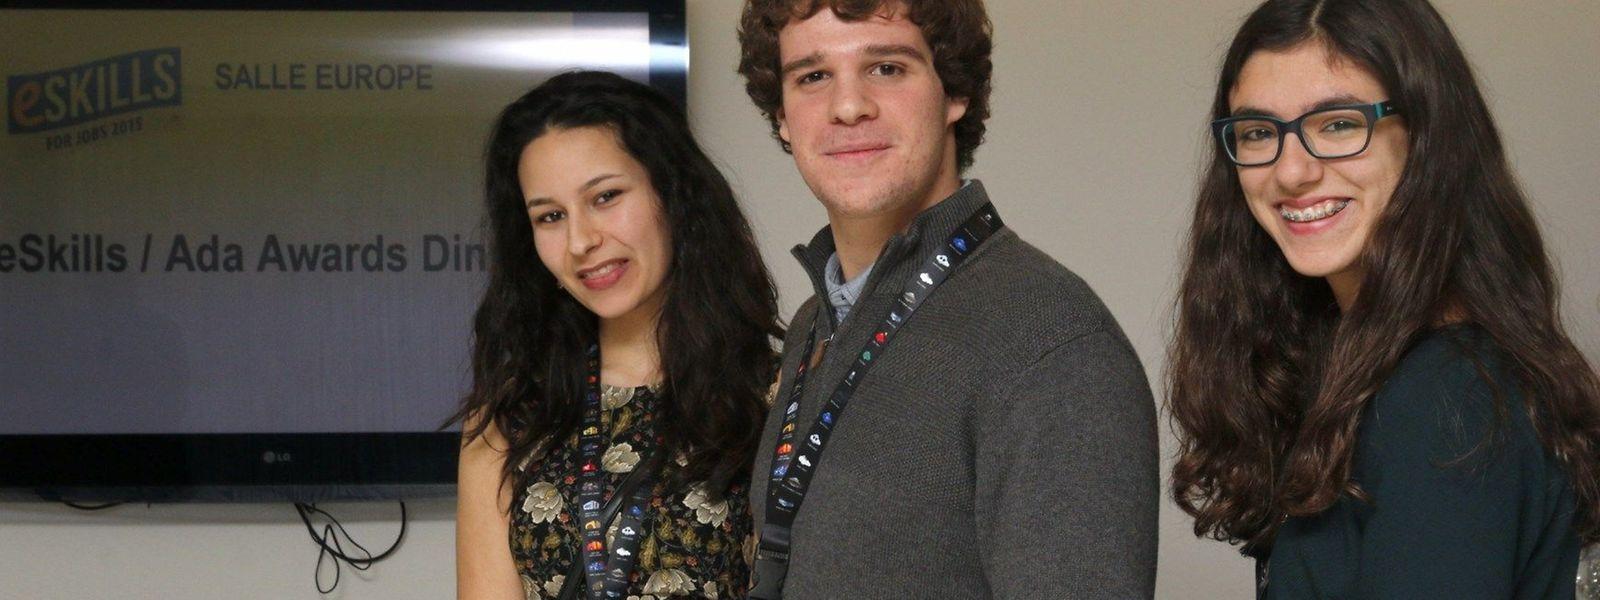 Os alunos portugueses Sara Damião, Nuno Silva e Beatriz Anunciação